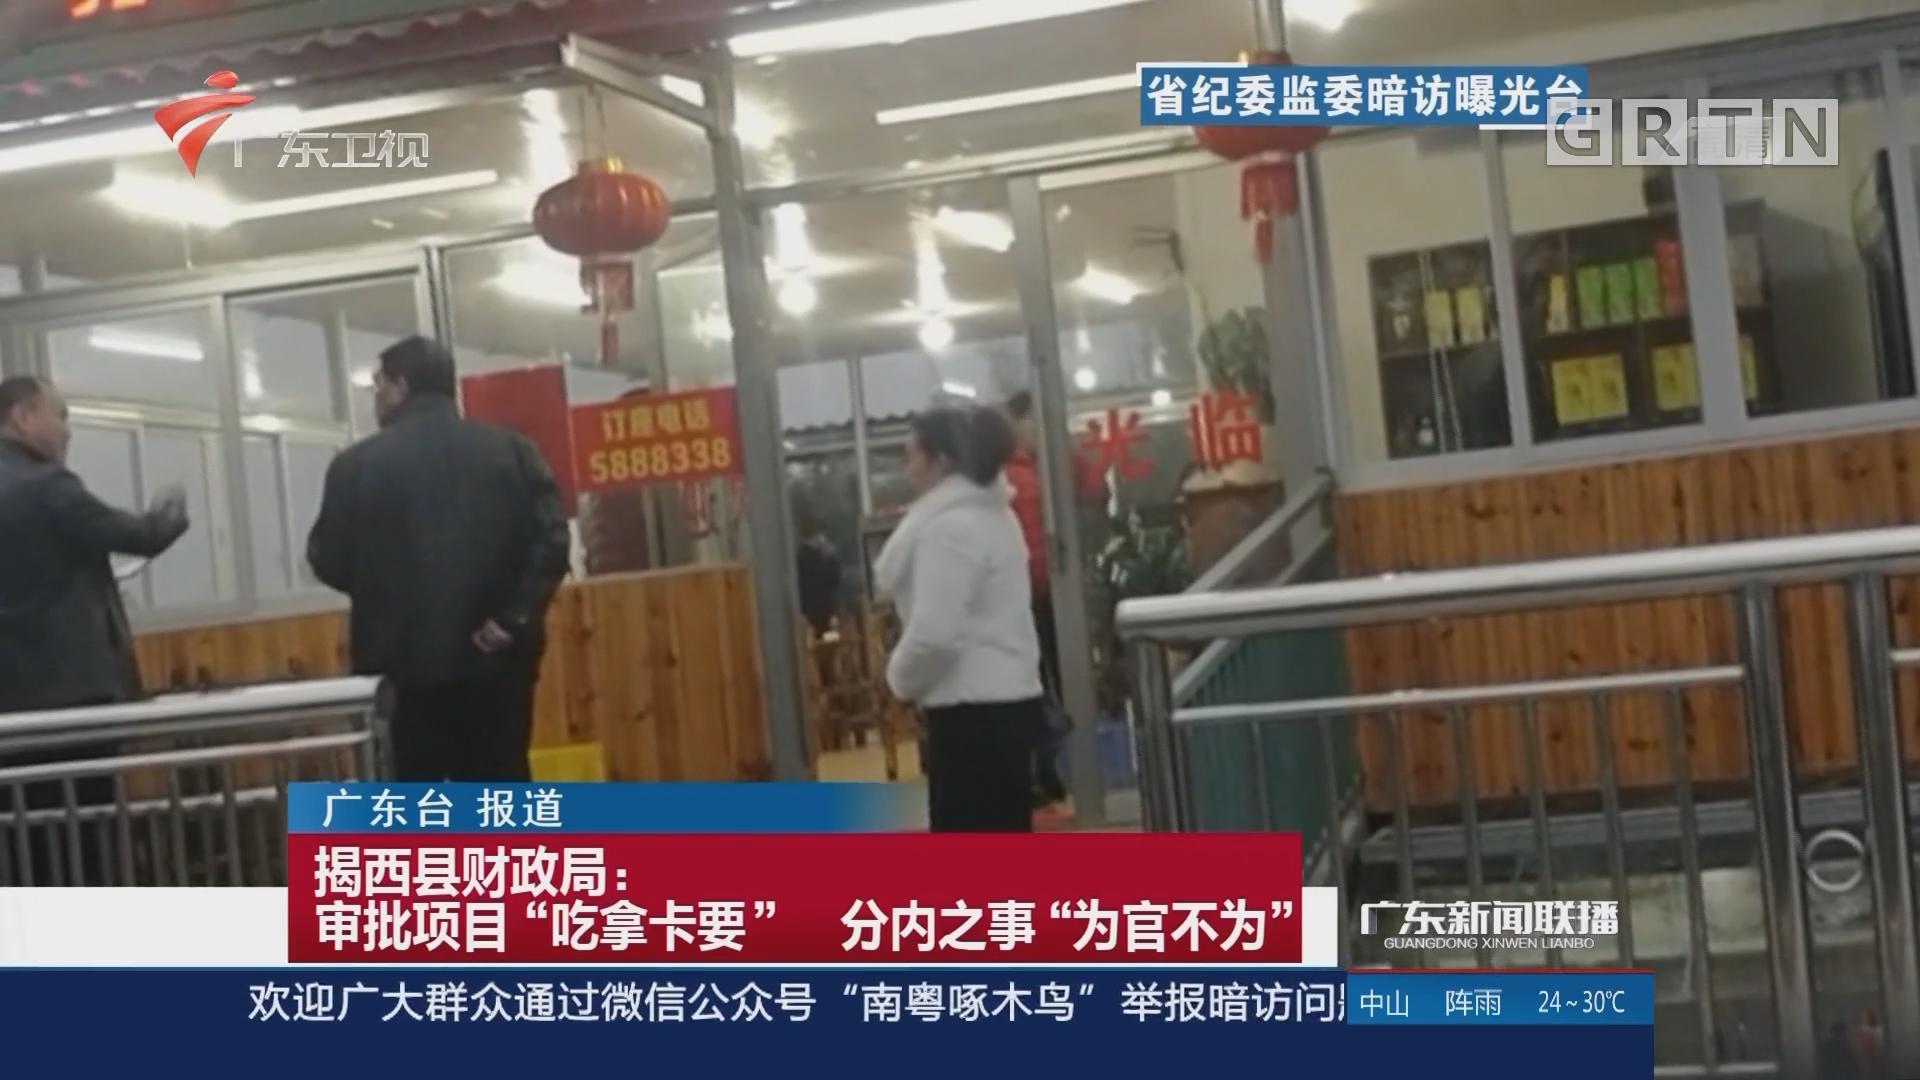 """揭西县财政局:审批项目""""吃拿卡要"""" 分内之事""""为官不为"""""""